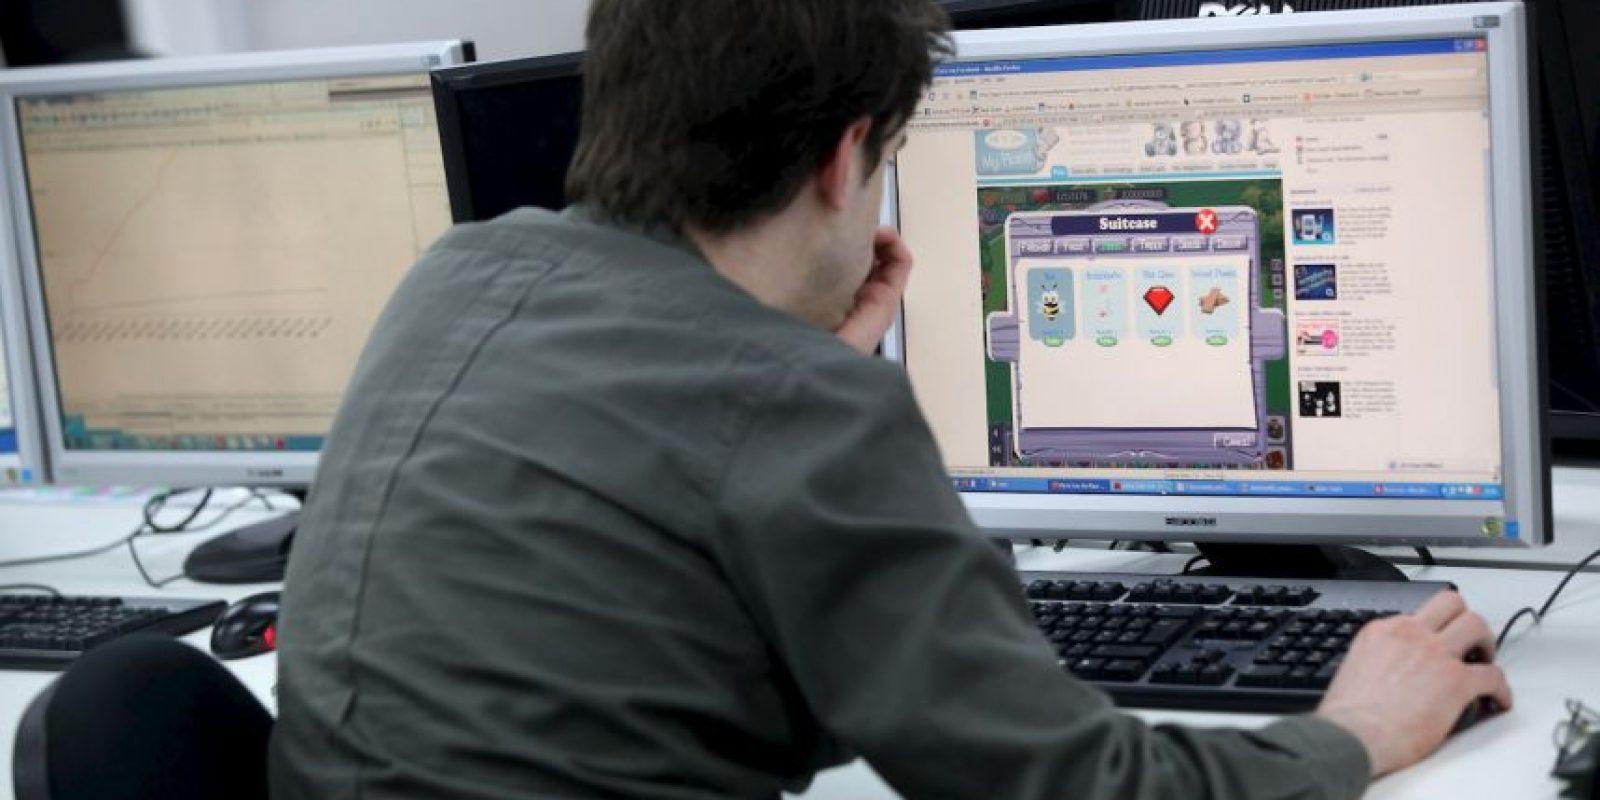 3. Verificar que sus cuentas de correo electrónico estén protegidas y sean confiables Foto:Getty Images